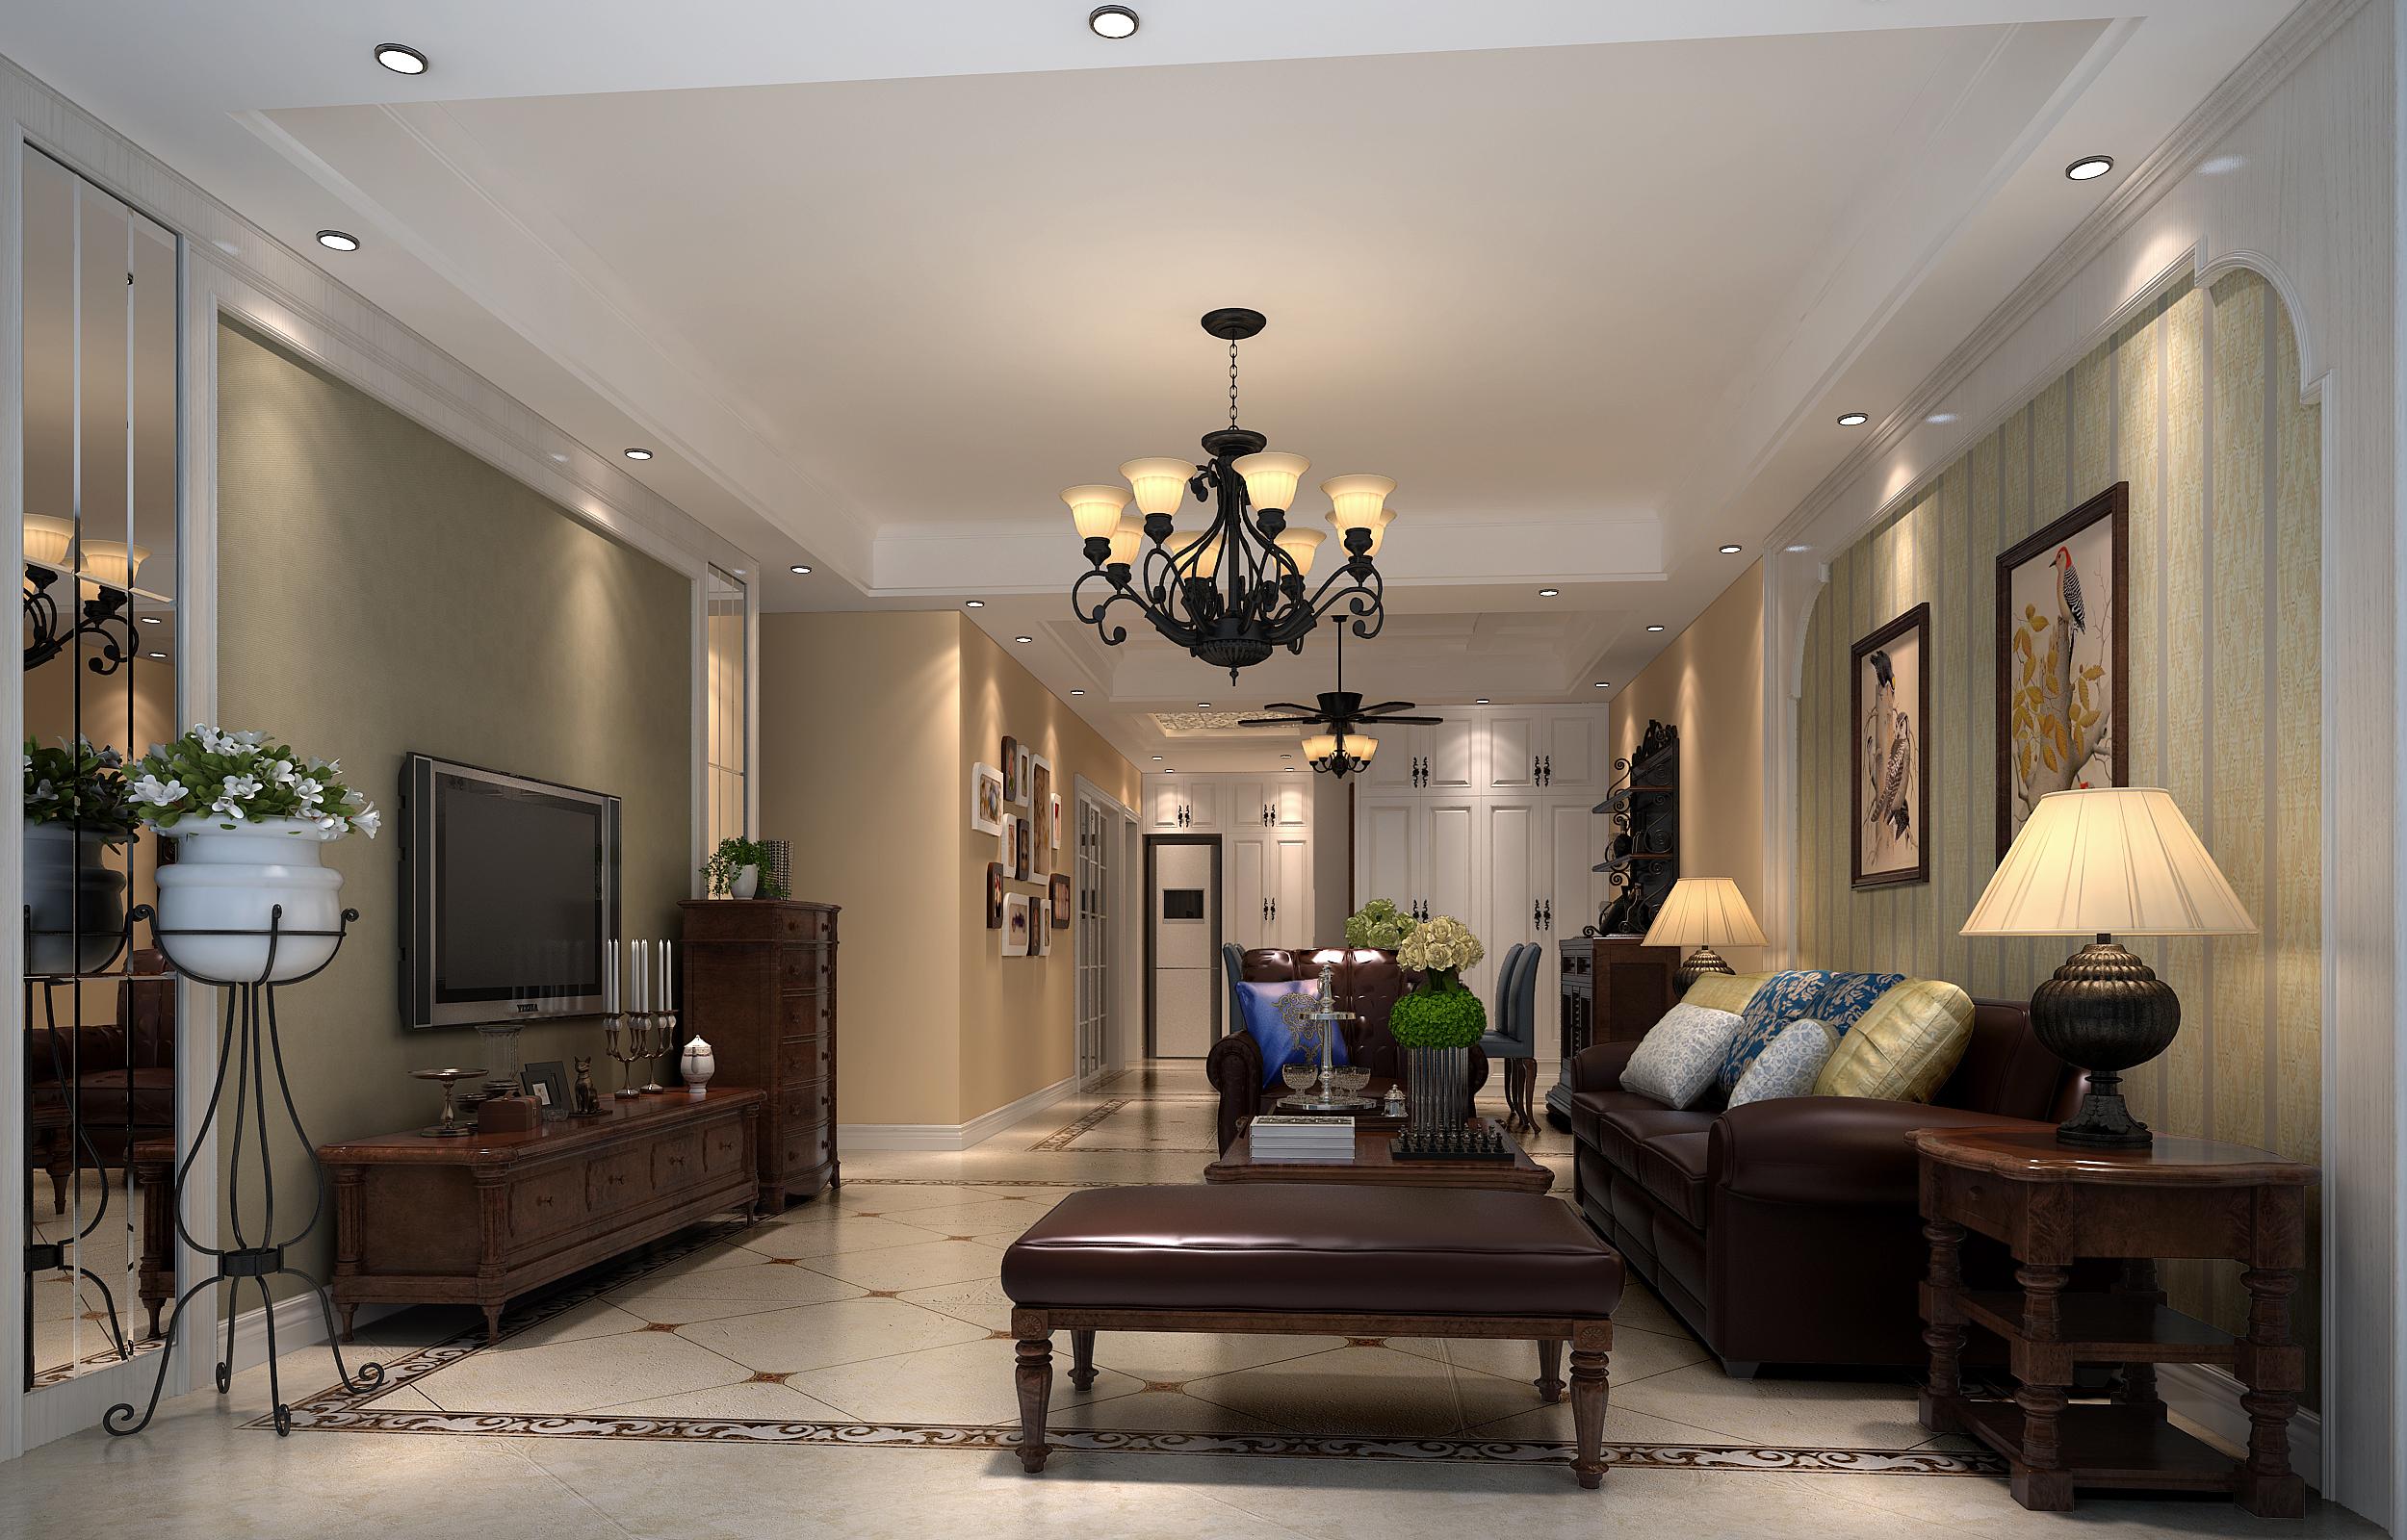 客厅图片来自深圳市尚易装饰在城市明珠的分享